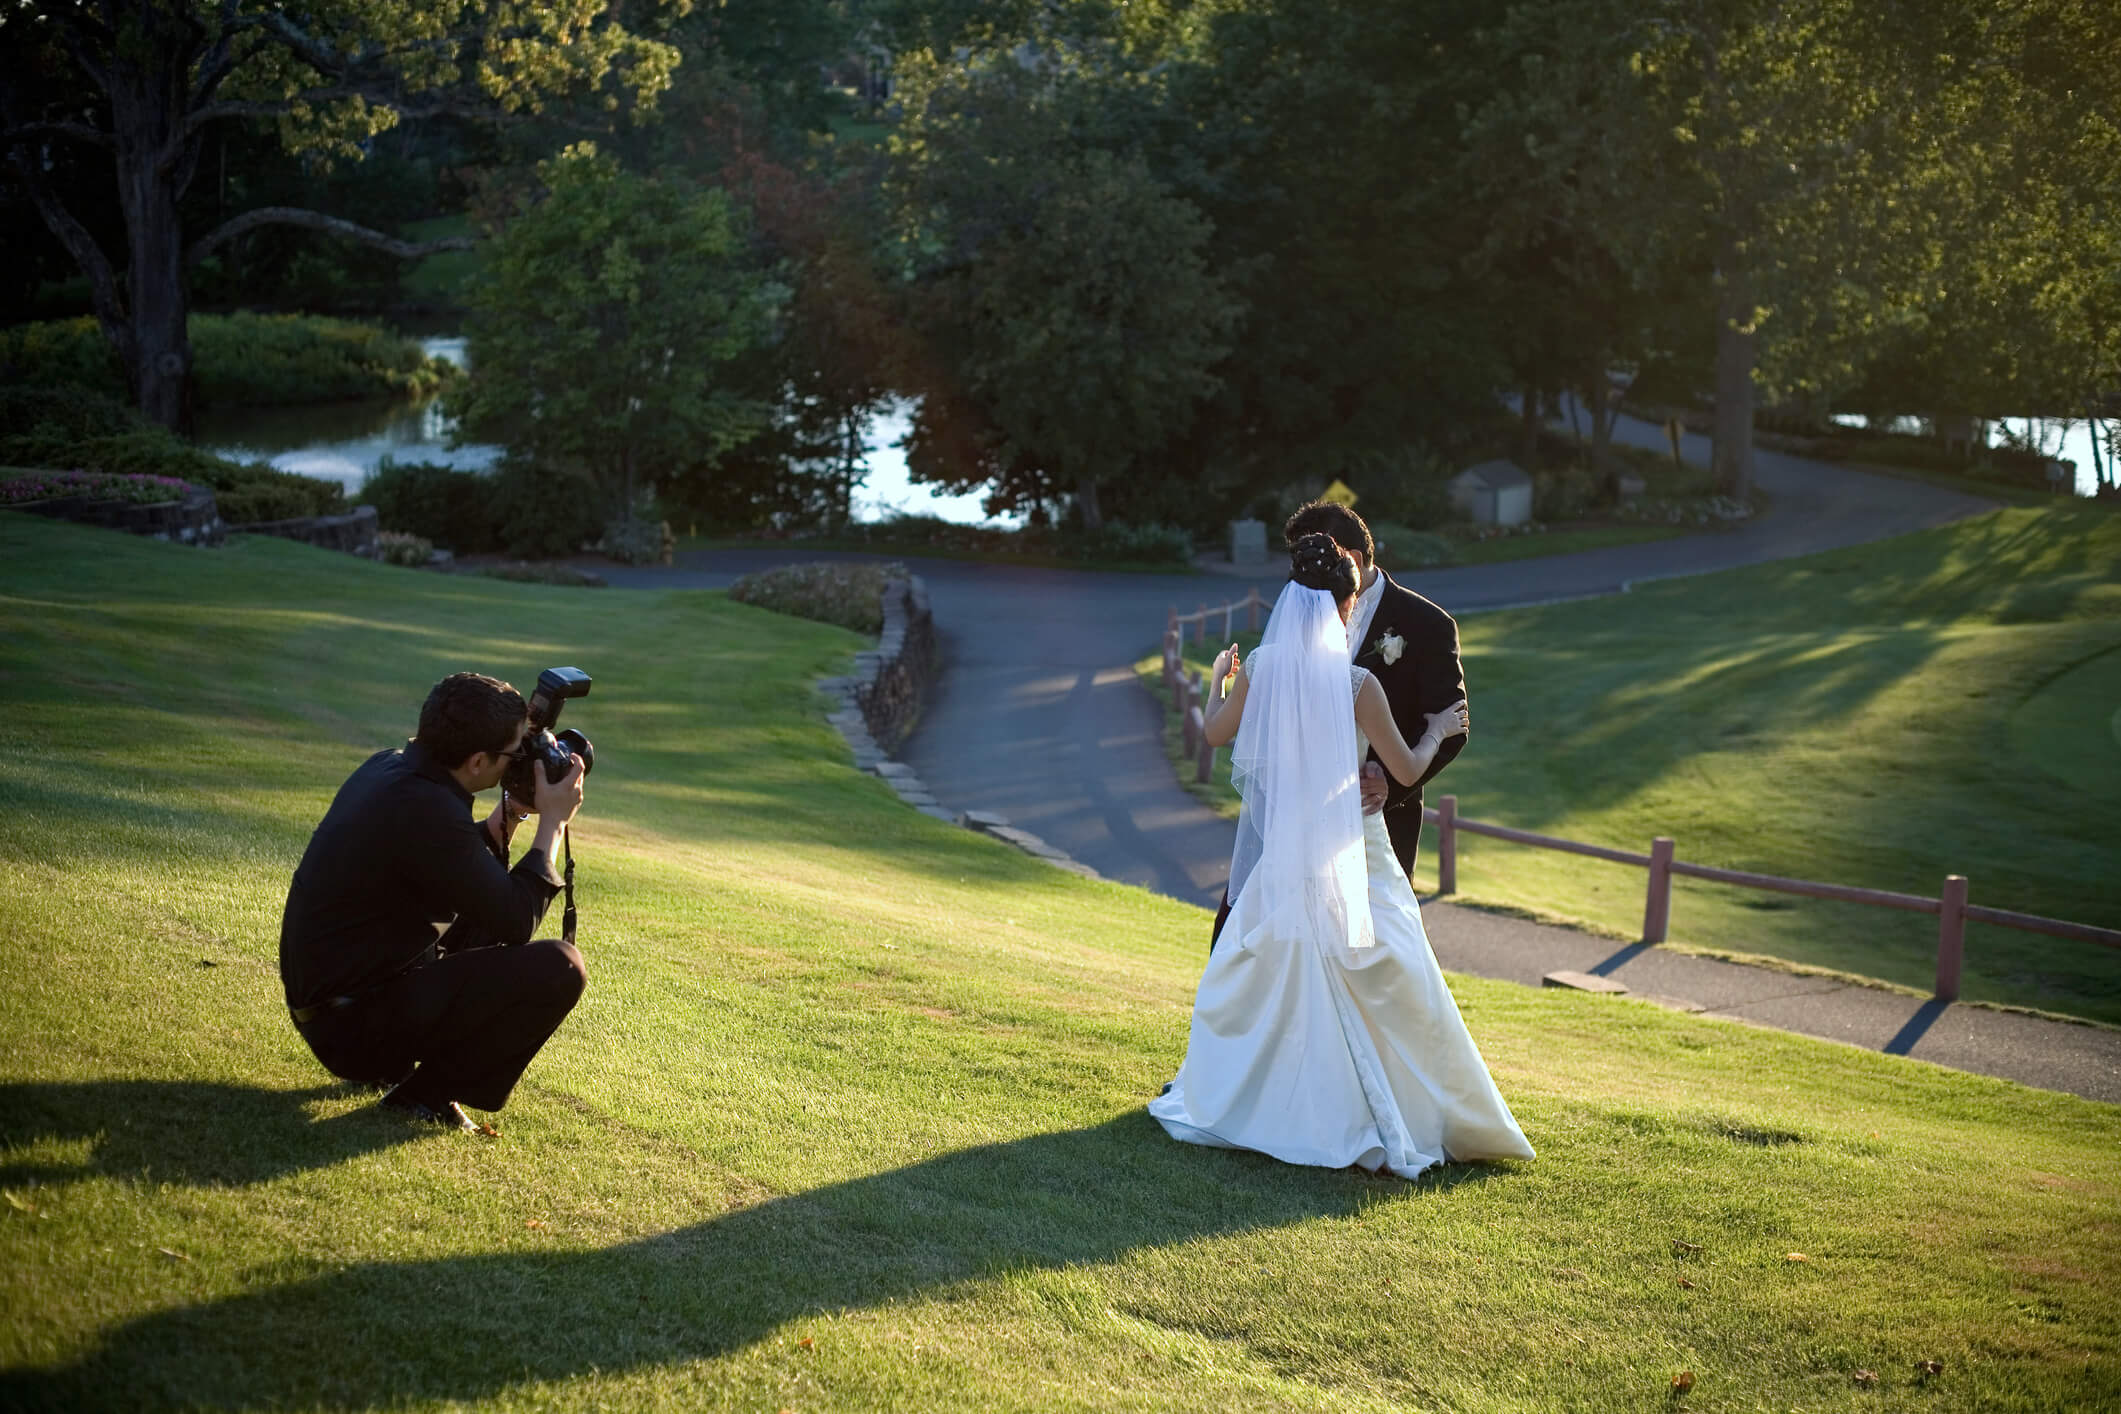 Fotografia profissional para casamento: como trabalhar nessa área?